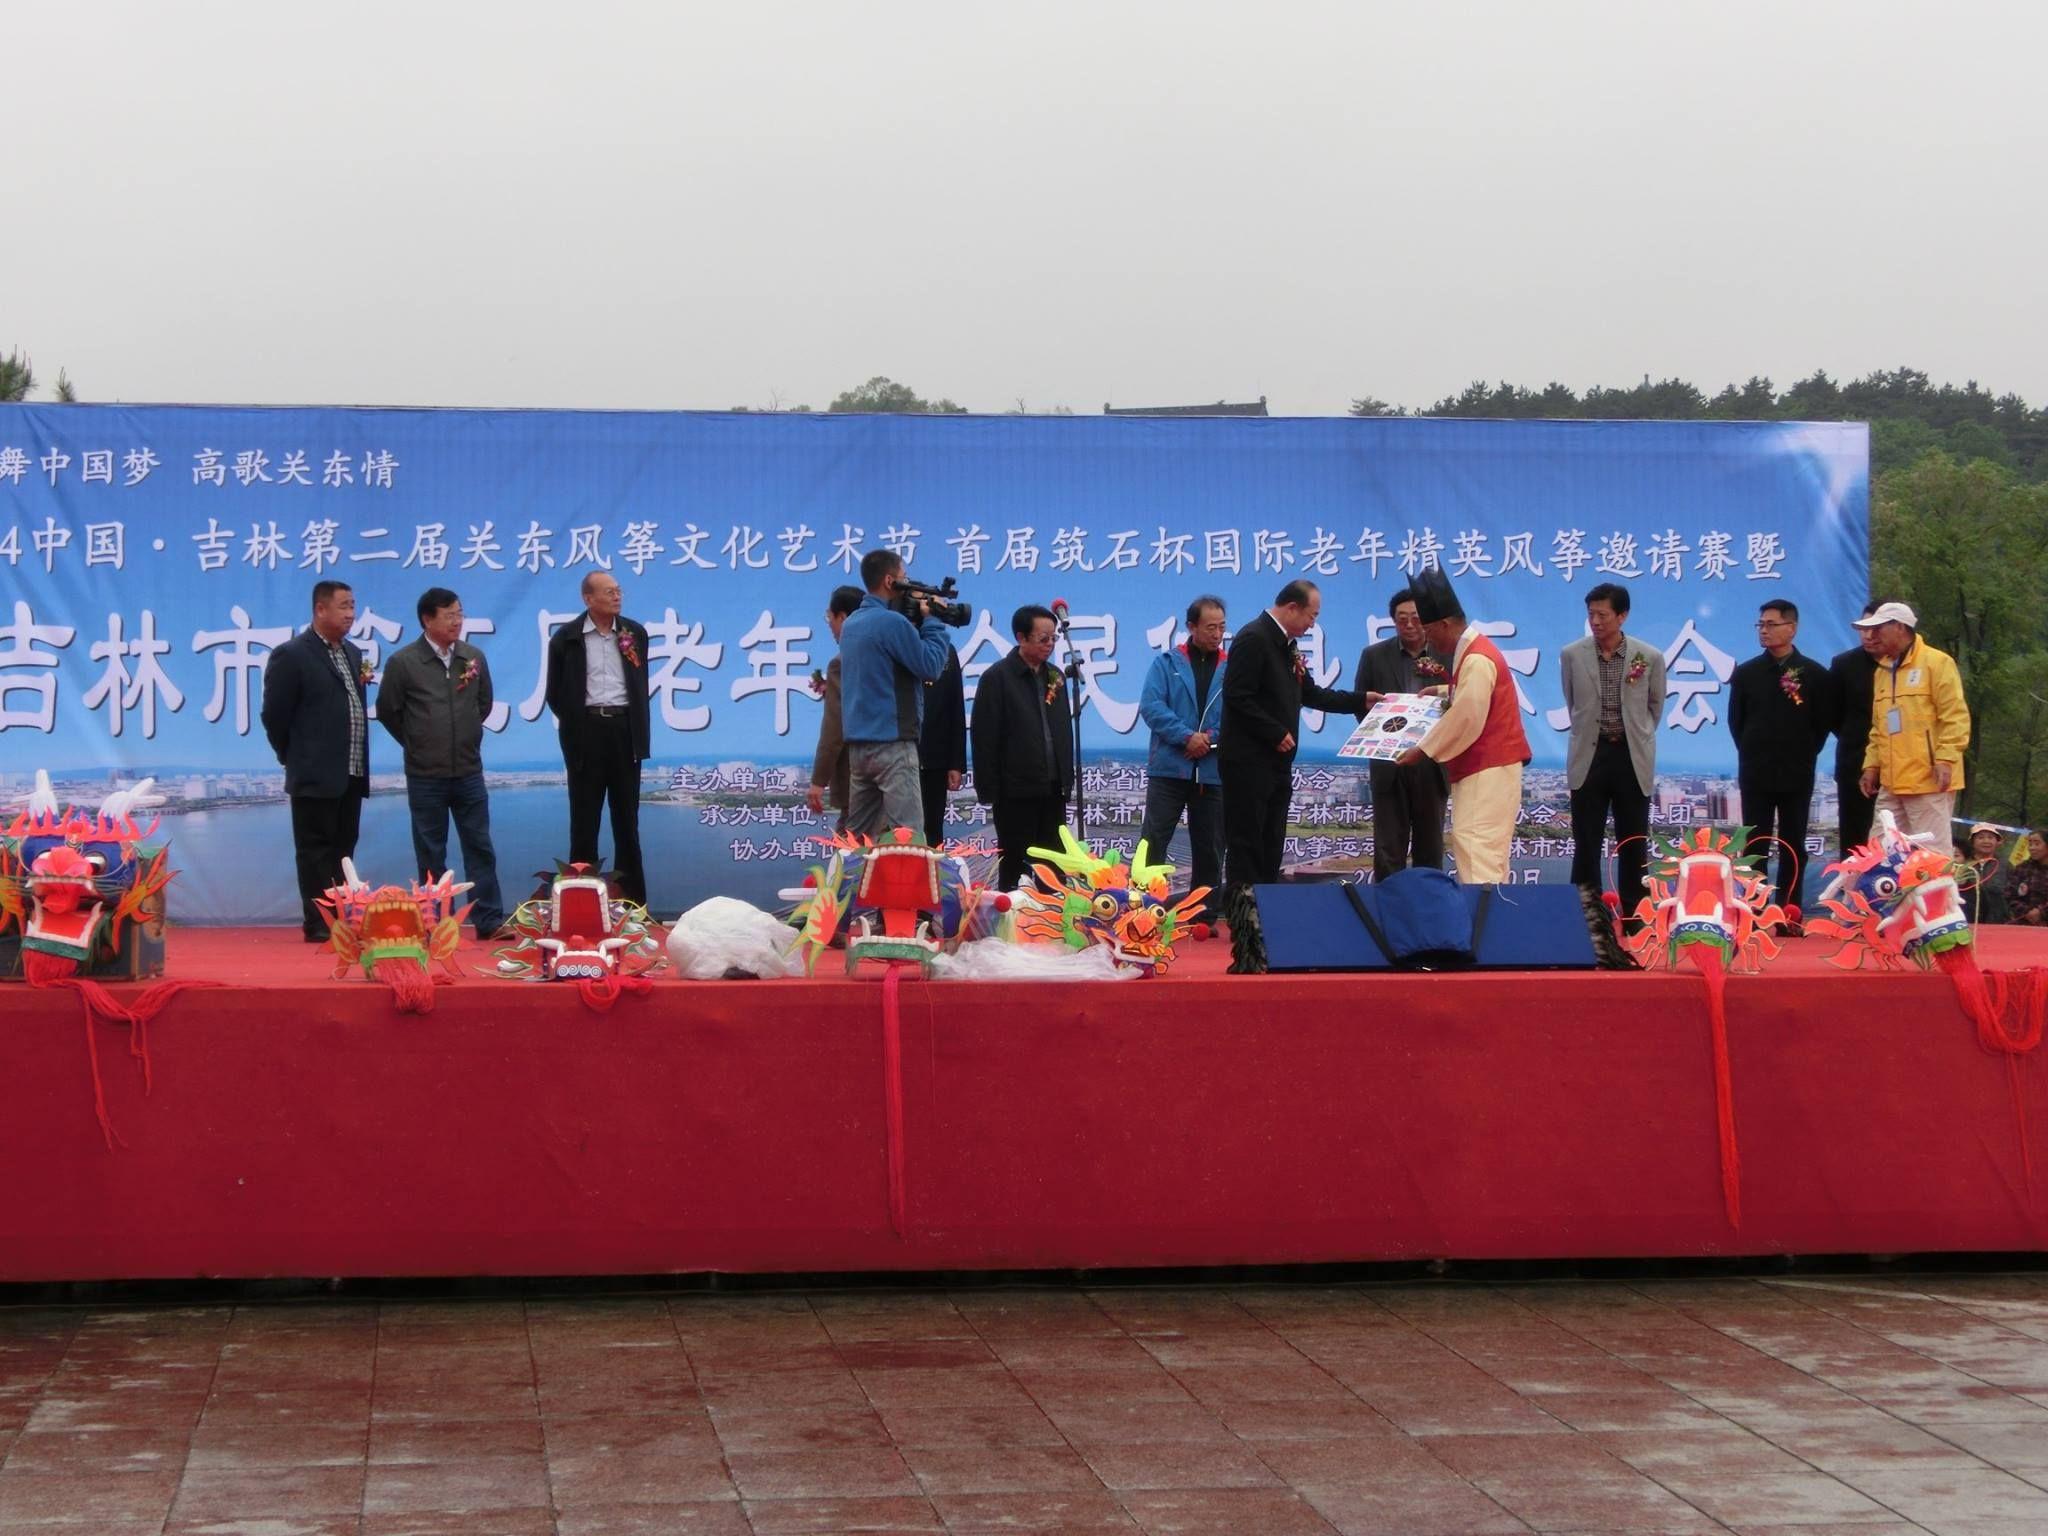 중국 길림성 길림제2회국제연날리기대회(2014.5.20오전 11시)刘倩